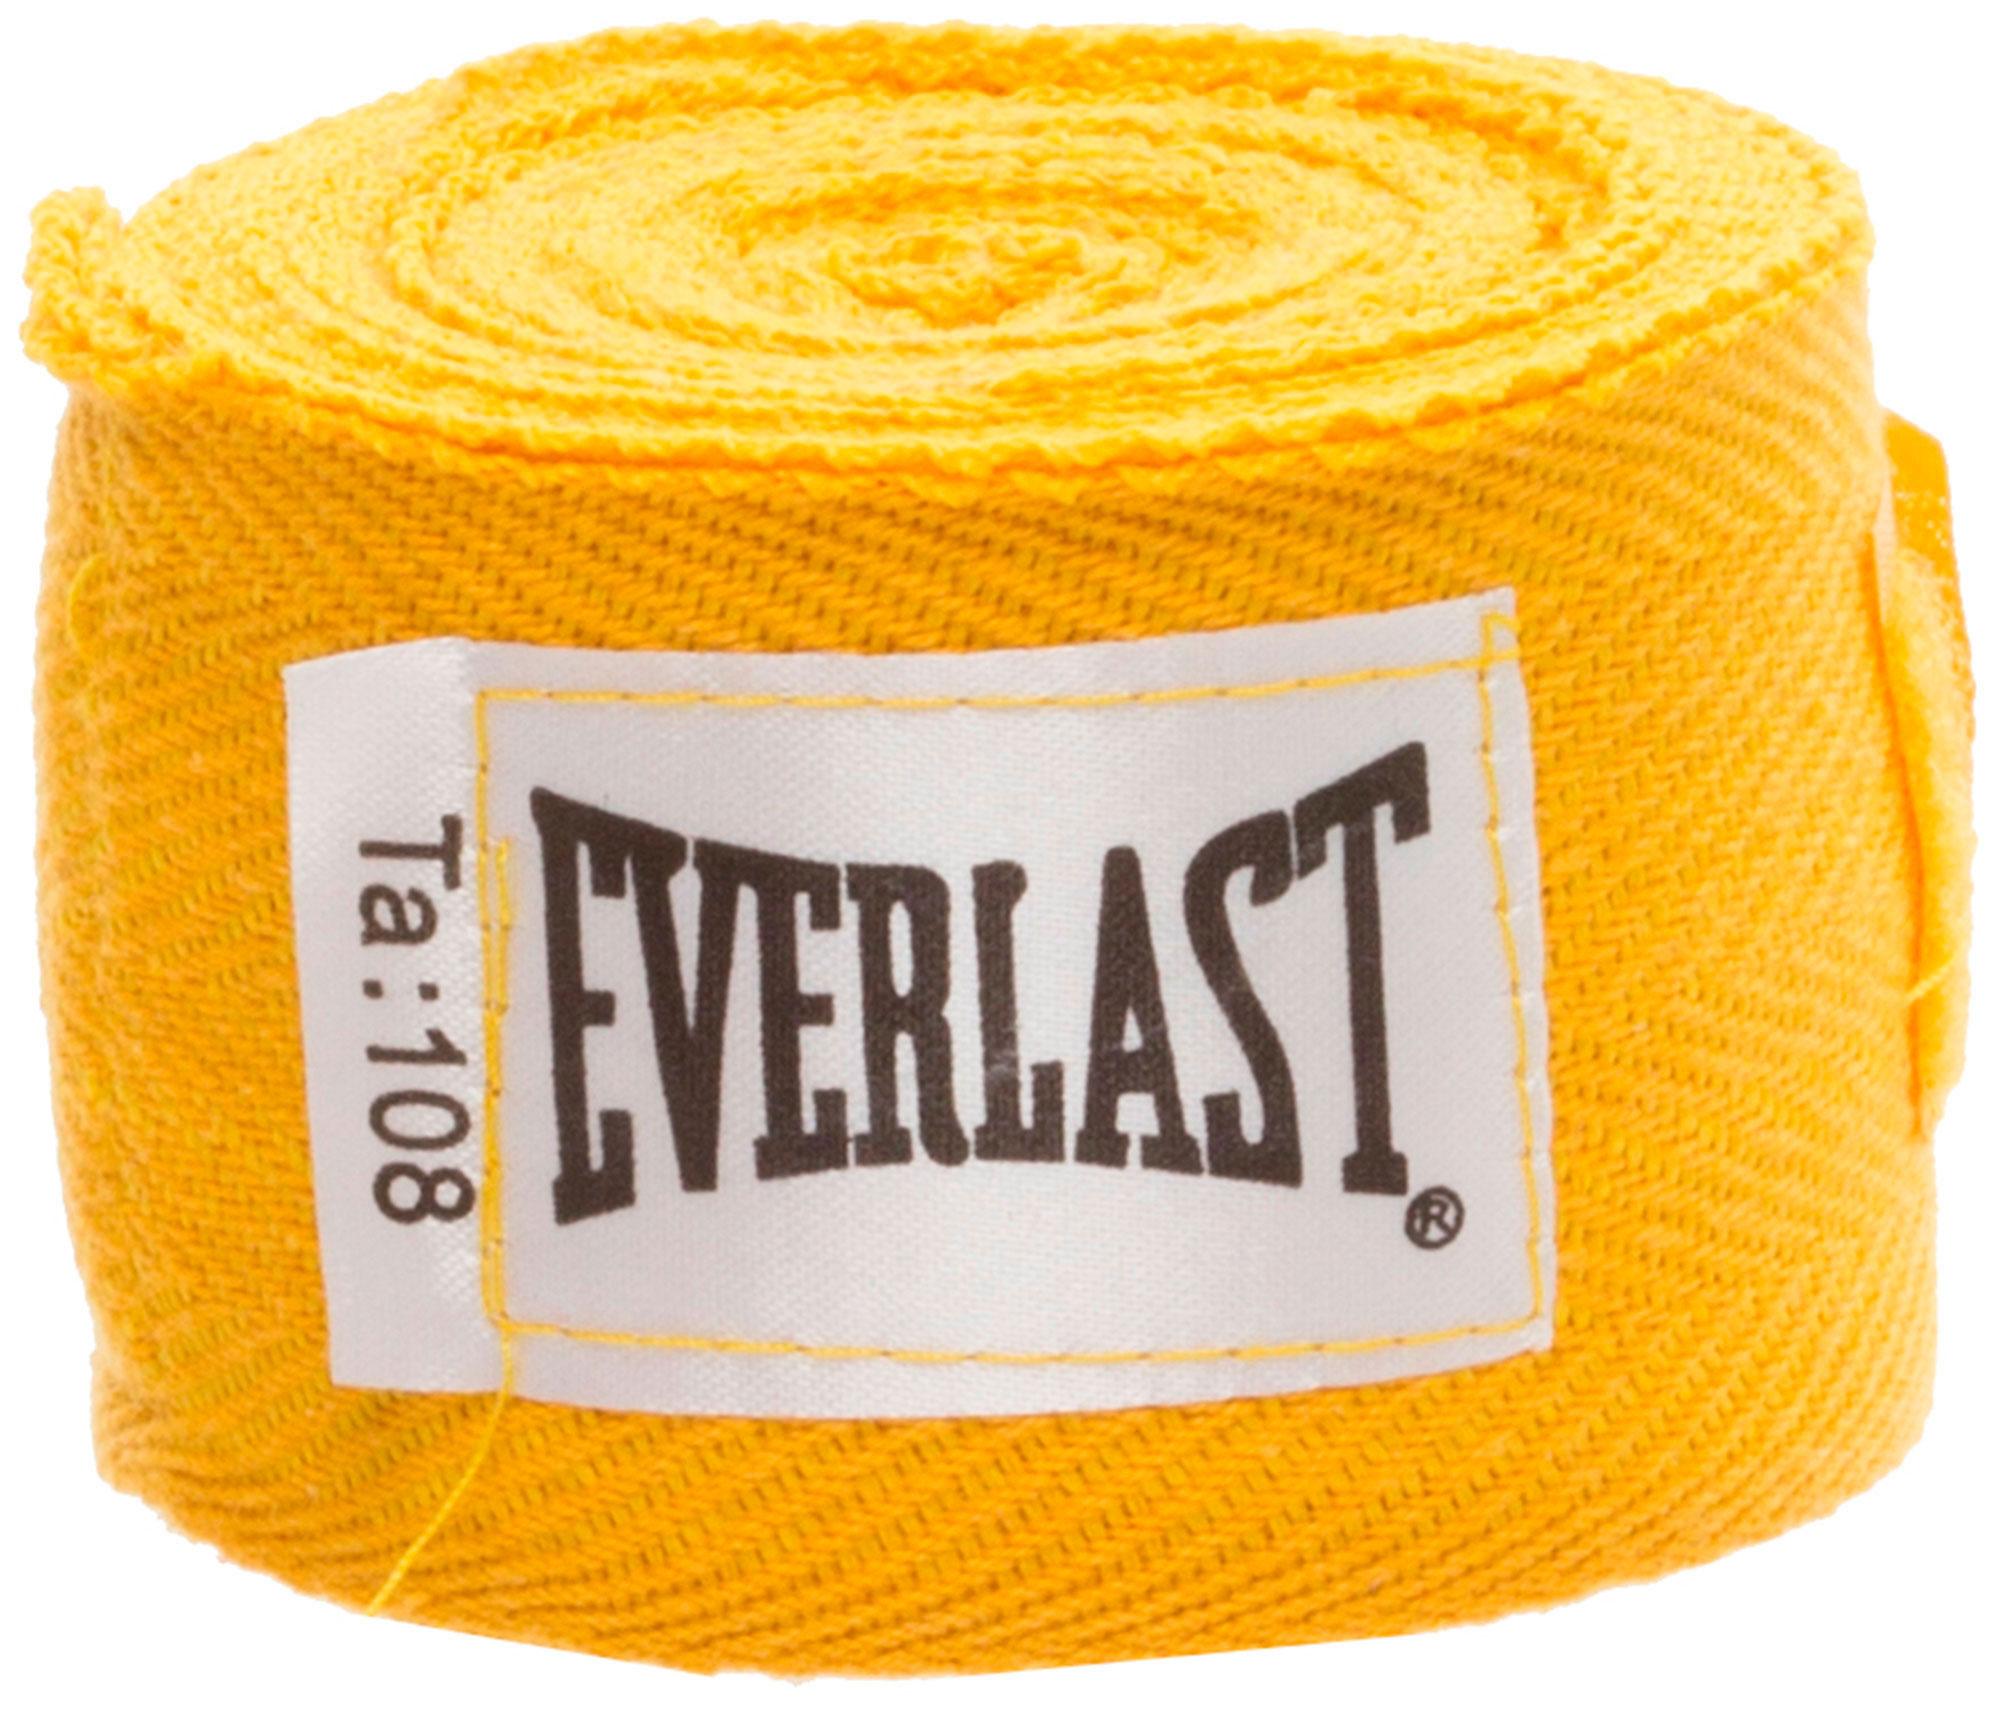 Everlast Бинт Everlast, 2,75 м, 2 шт. цена